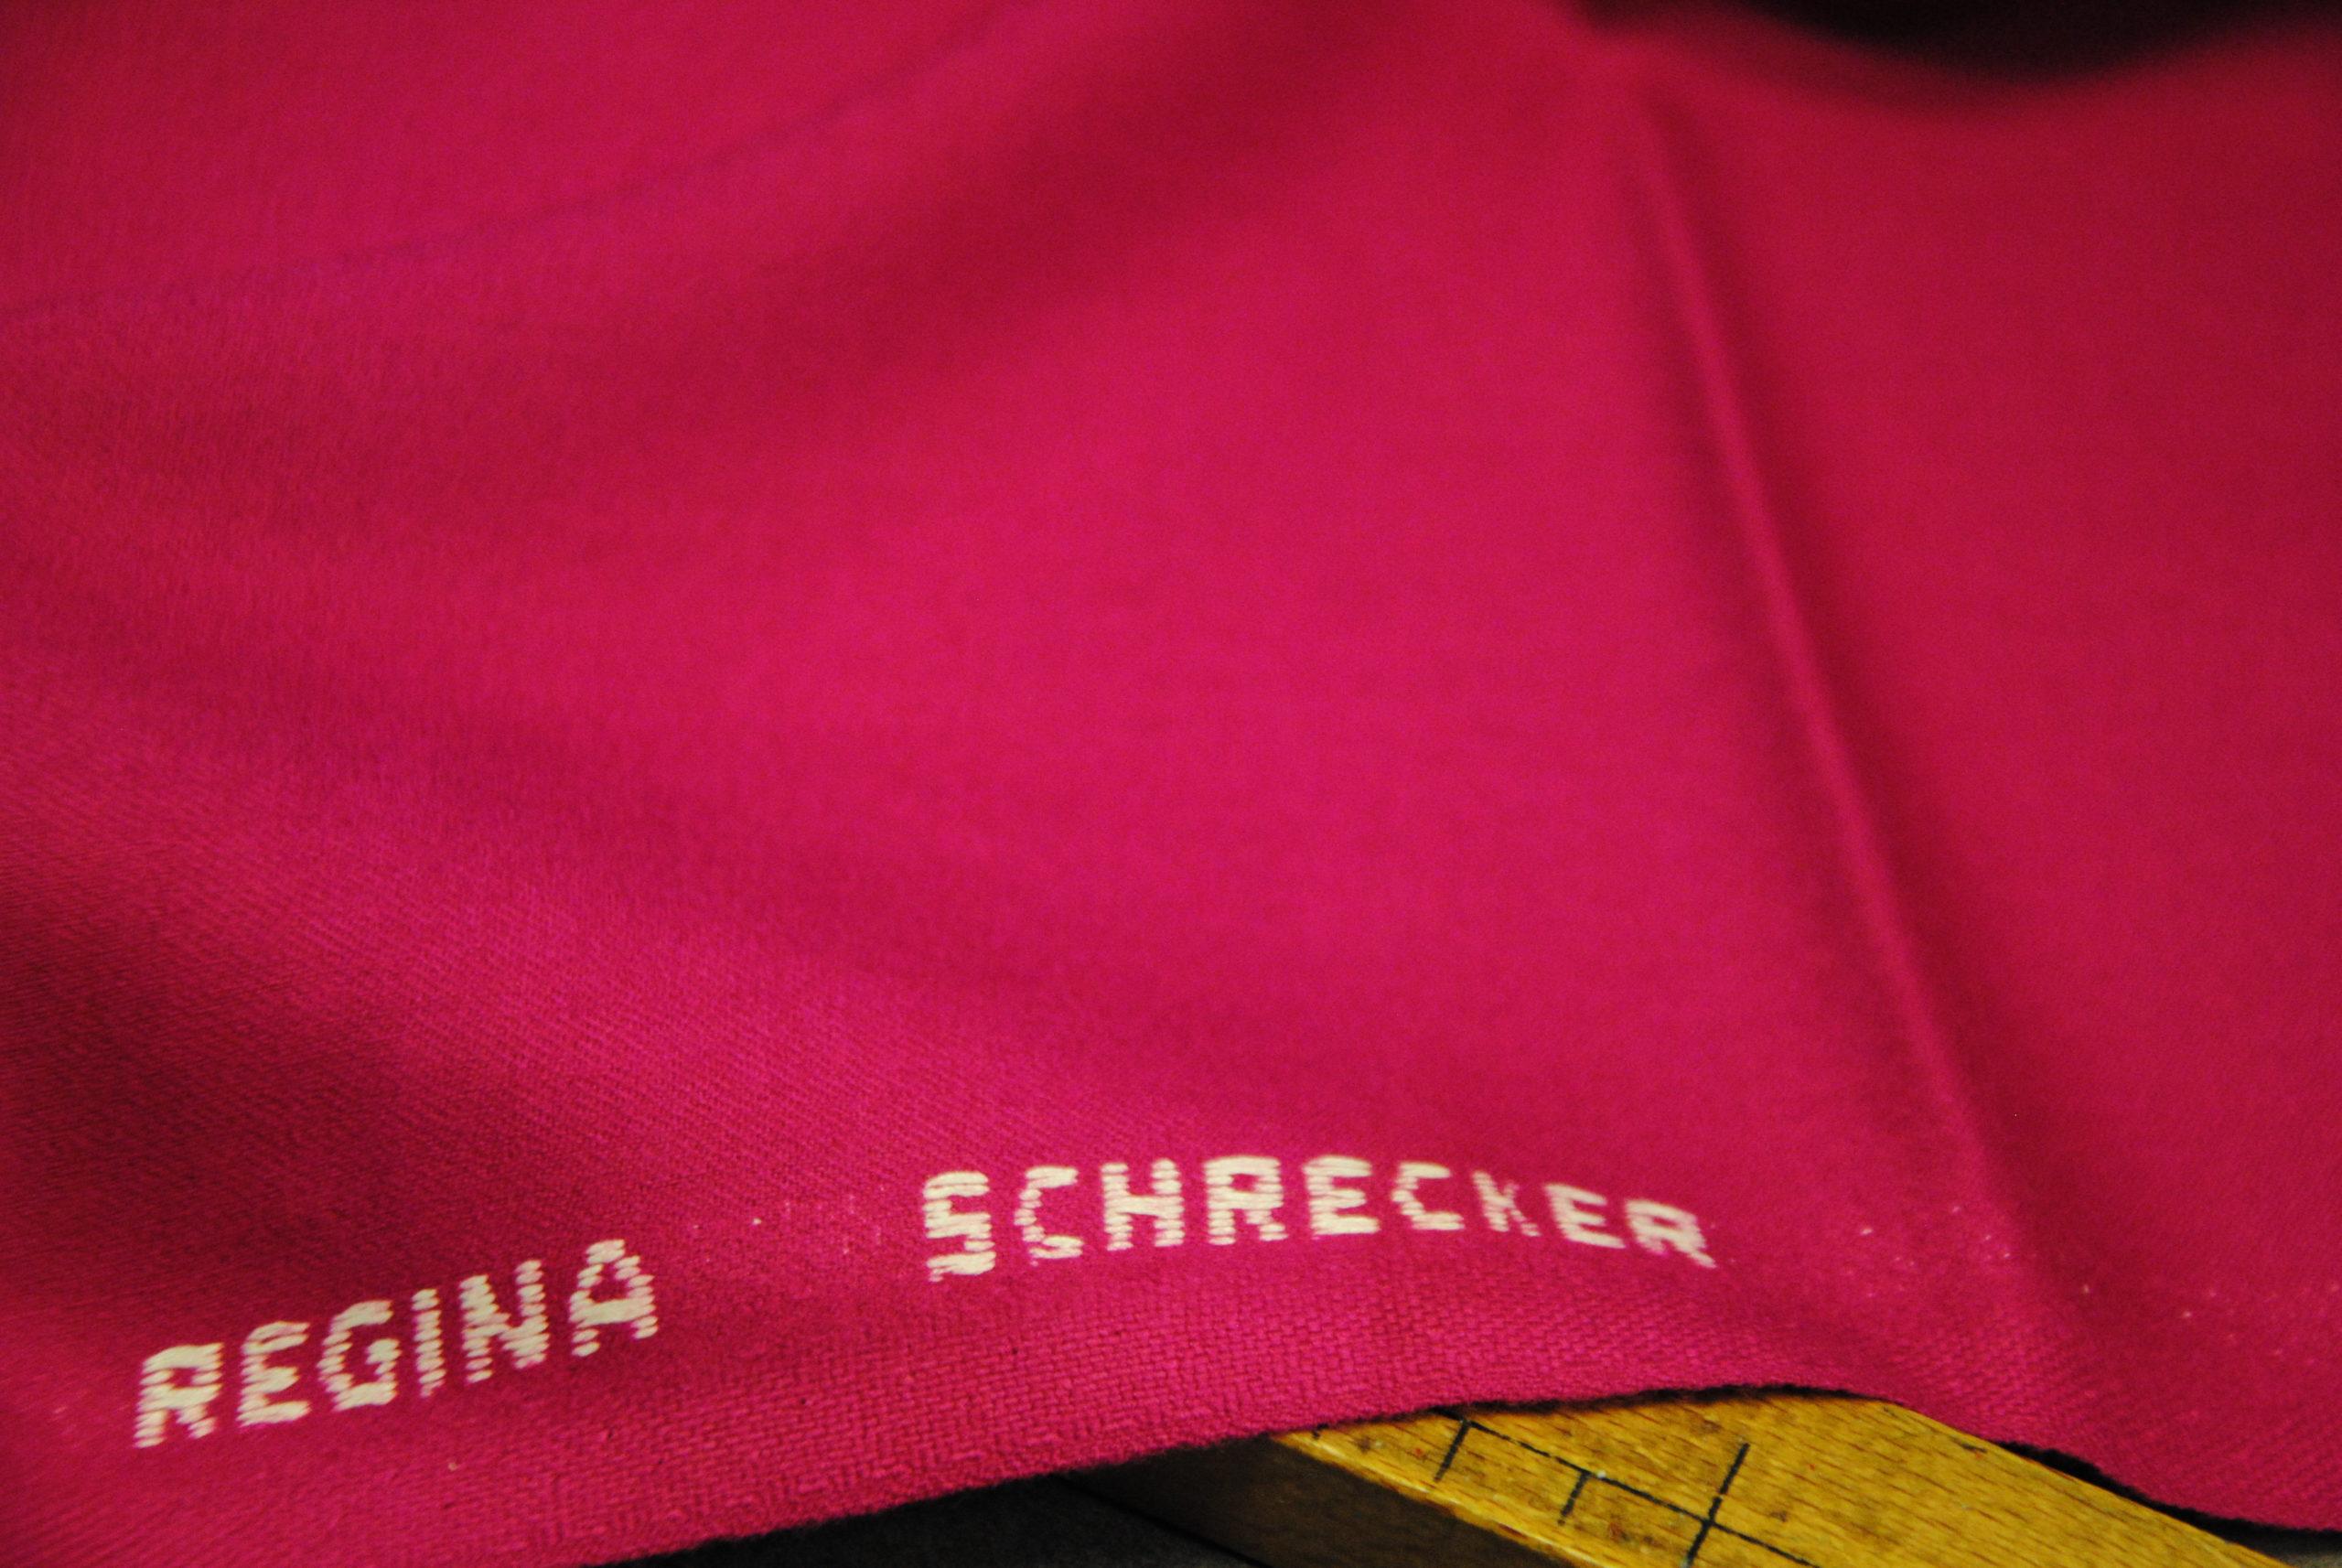 DSC 1187 2 scaled Regina Schrecker   TAGLIO GONNA + fodera